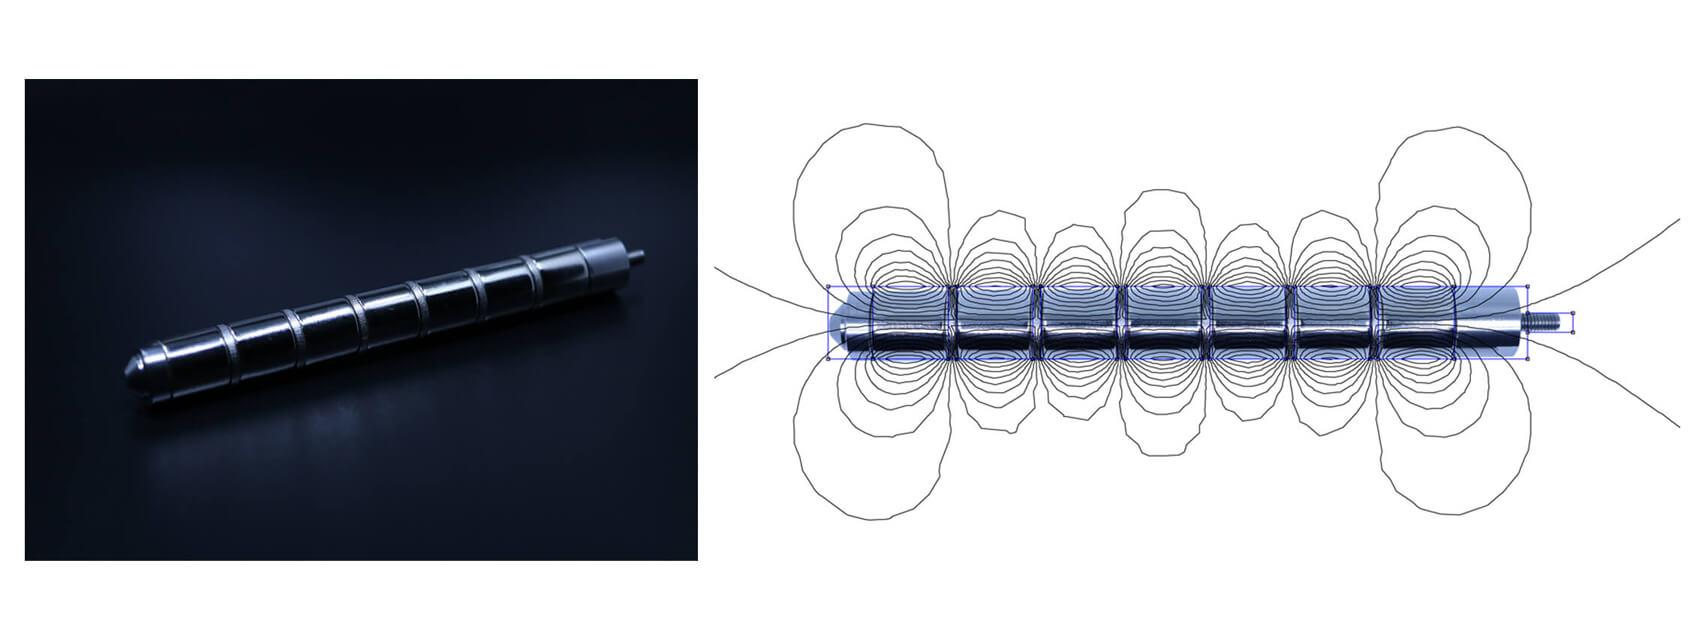 Filtros de caldera magnéticos-3